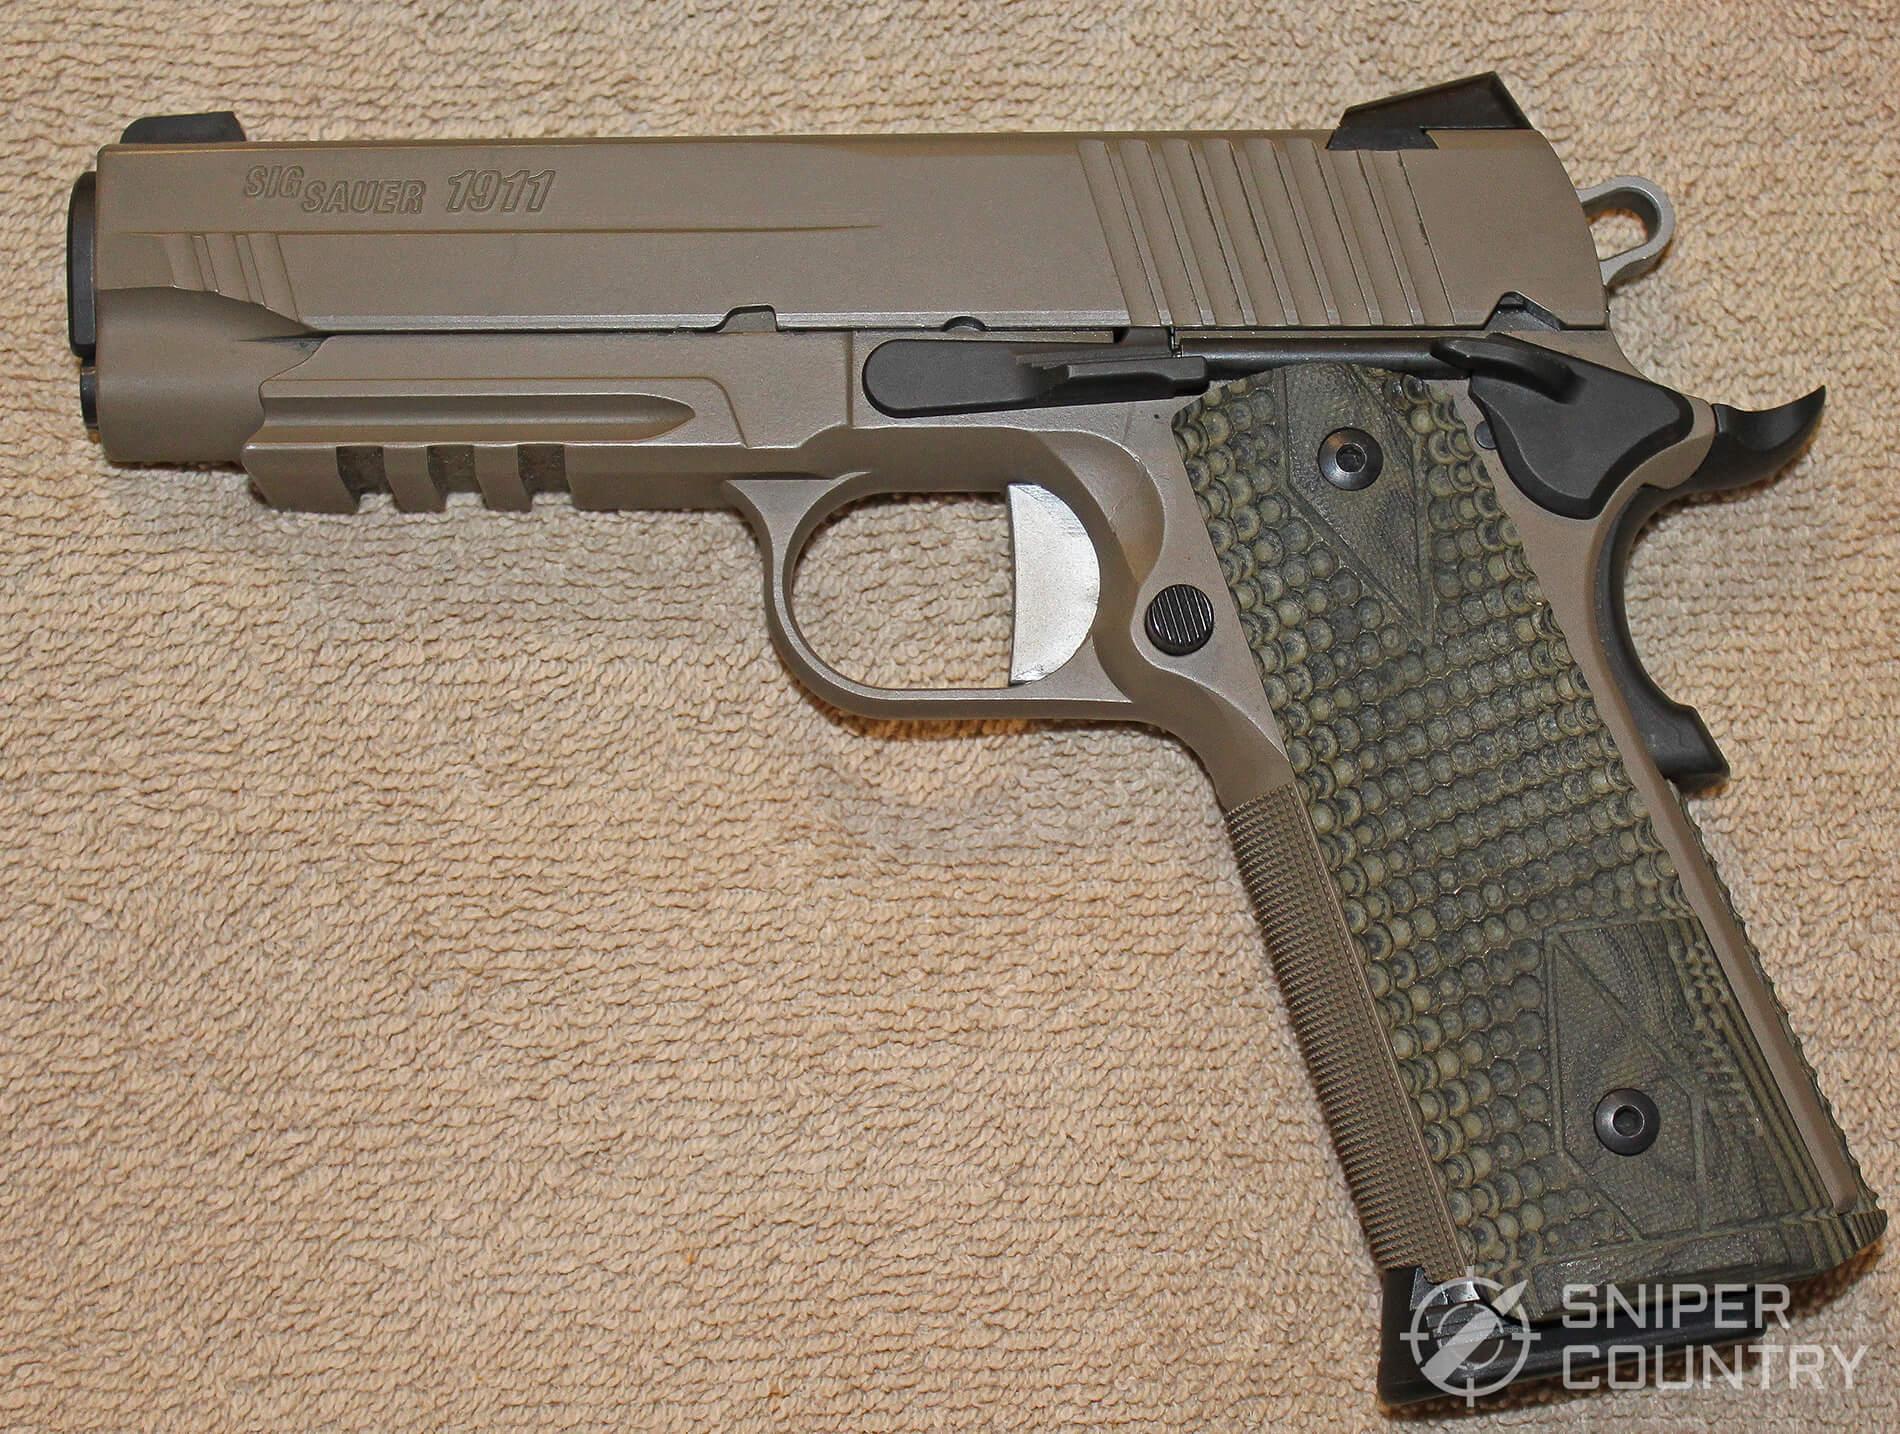 Sig Sauer Scorpion 1911 gun right